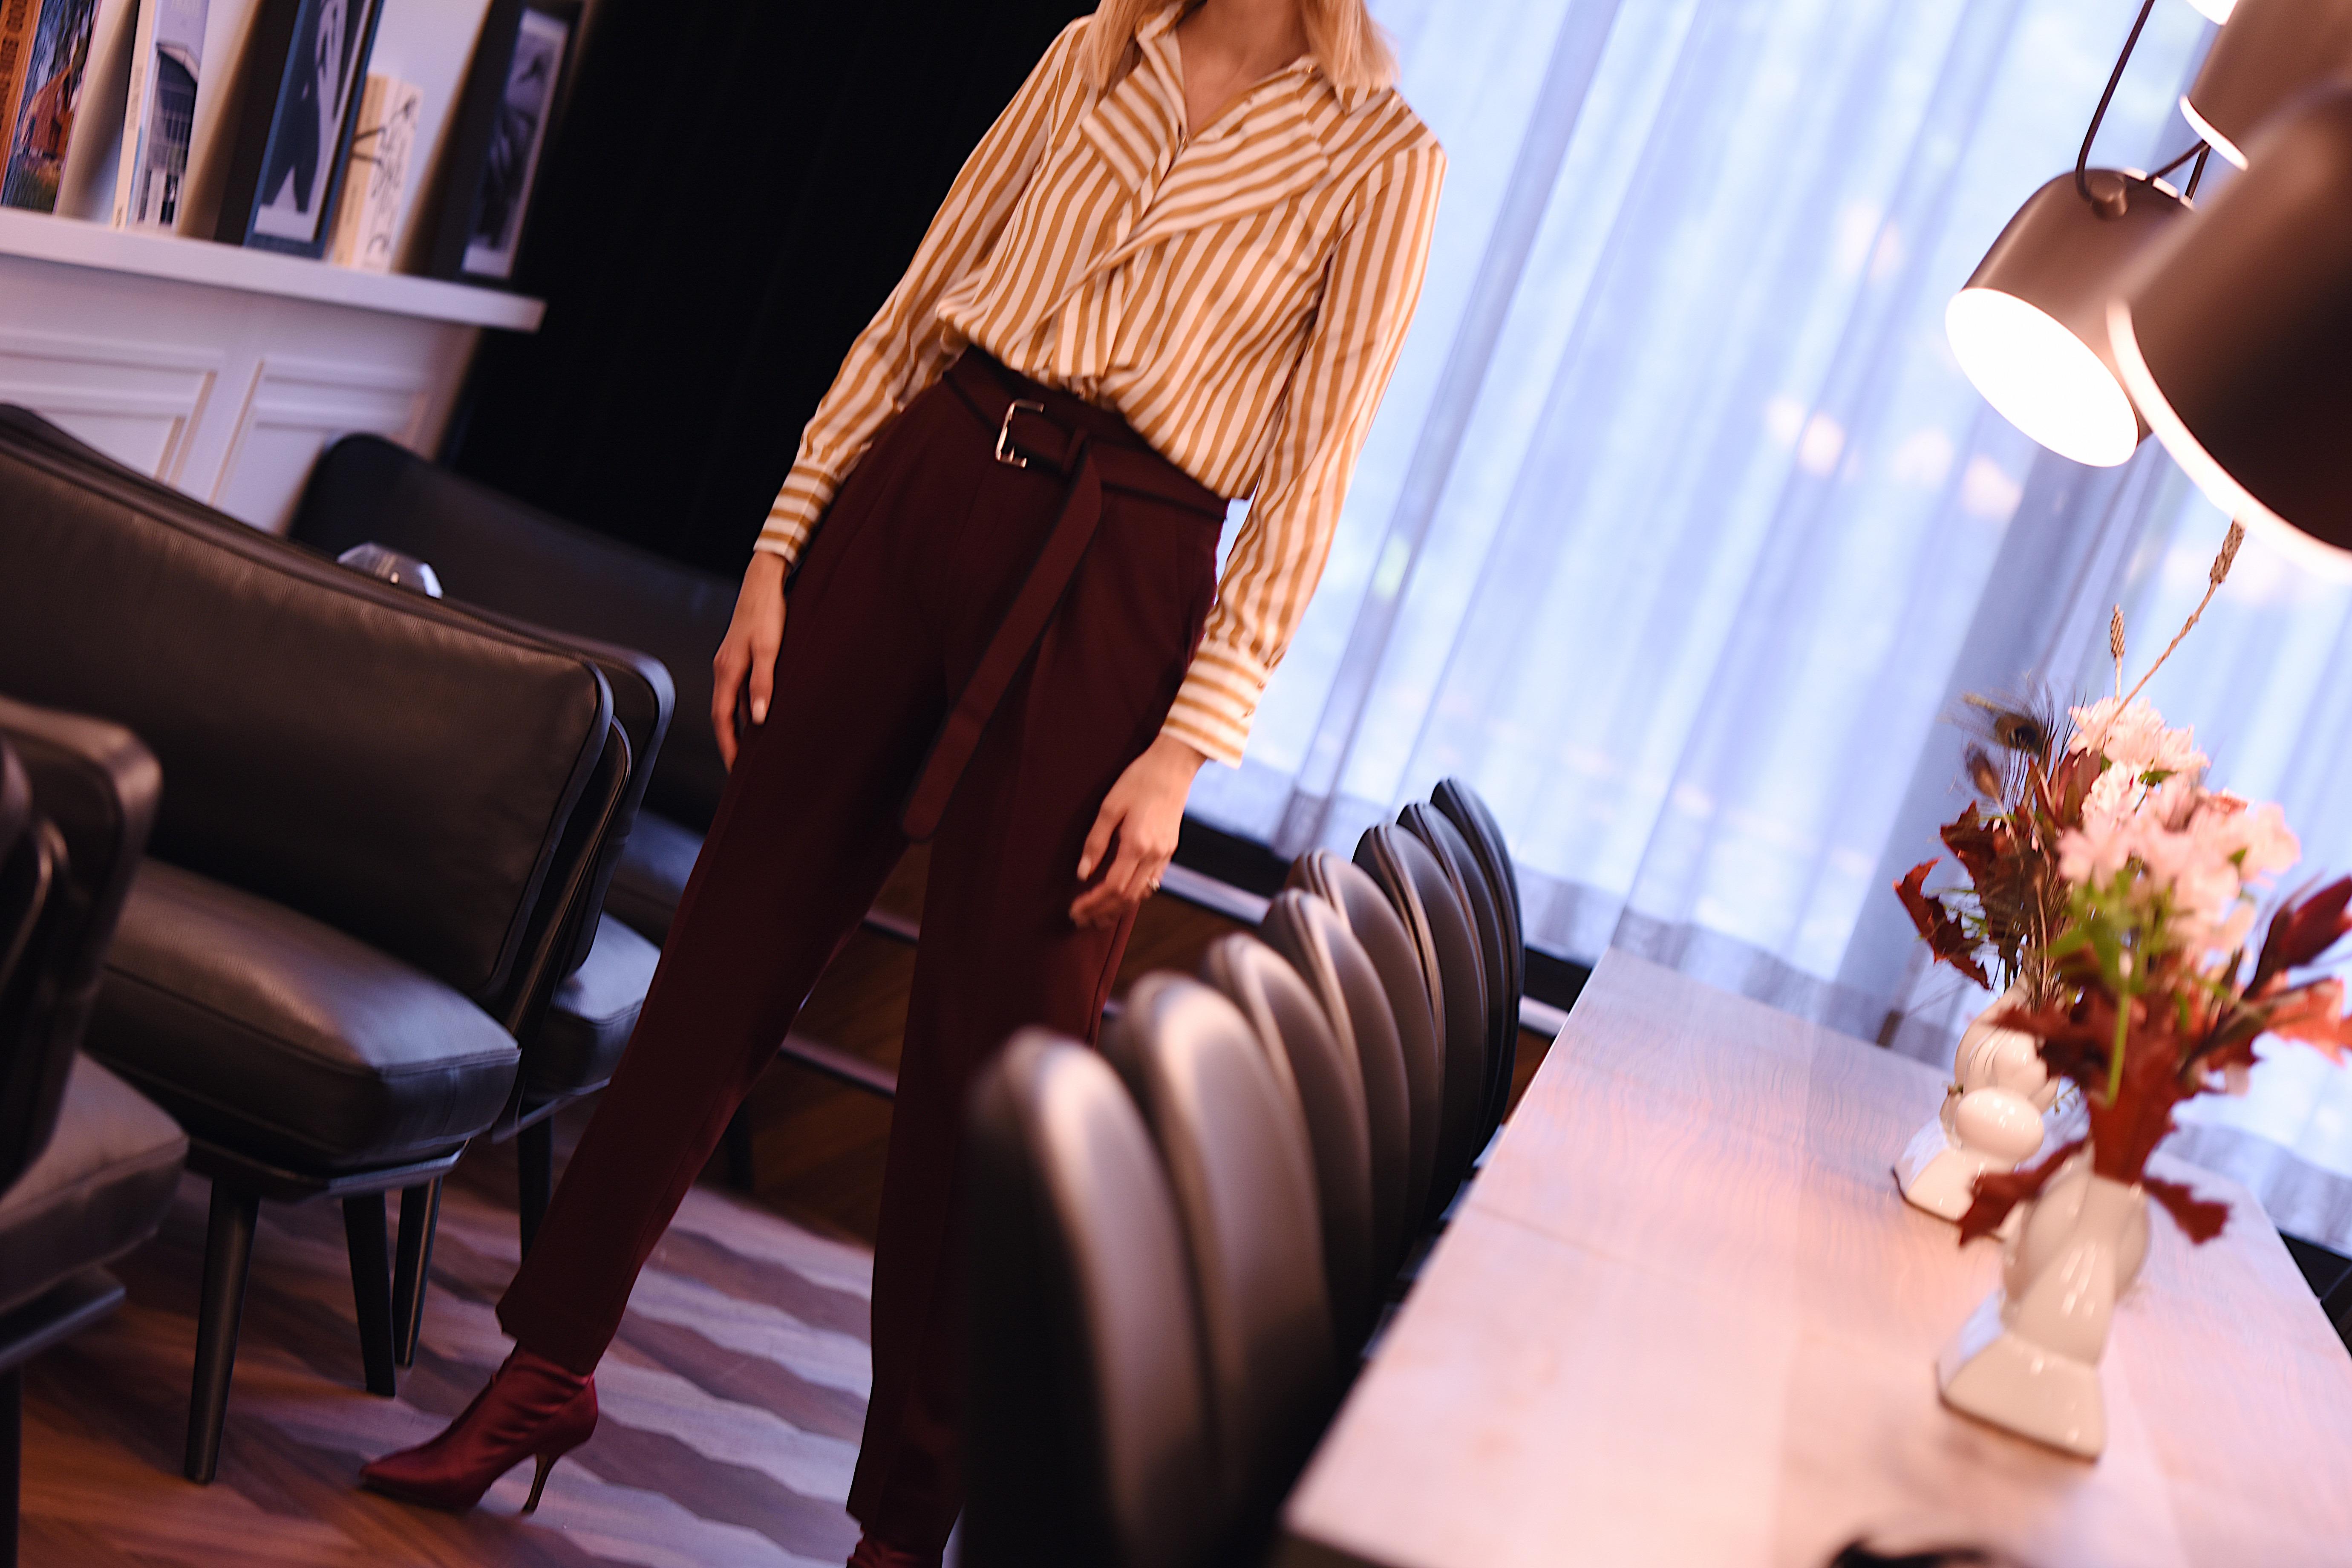 Weinrote Bundfaltenhose und gestreifte Bluse